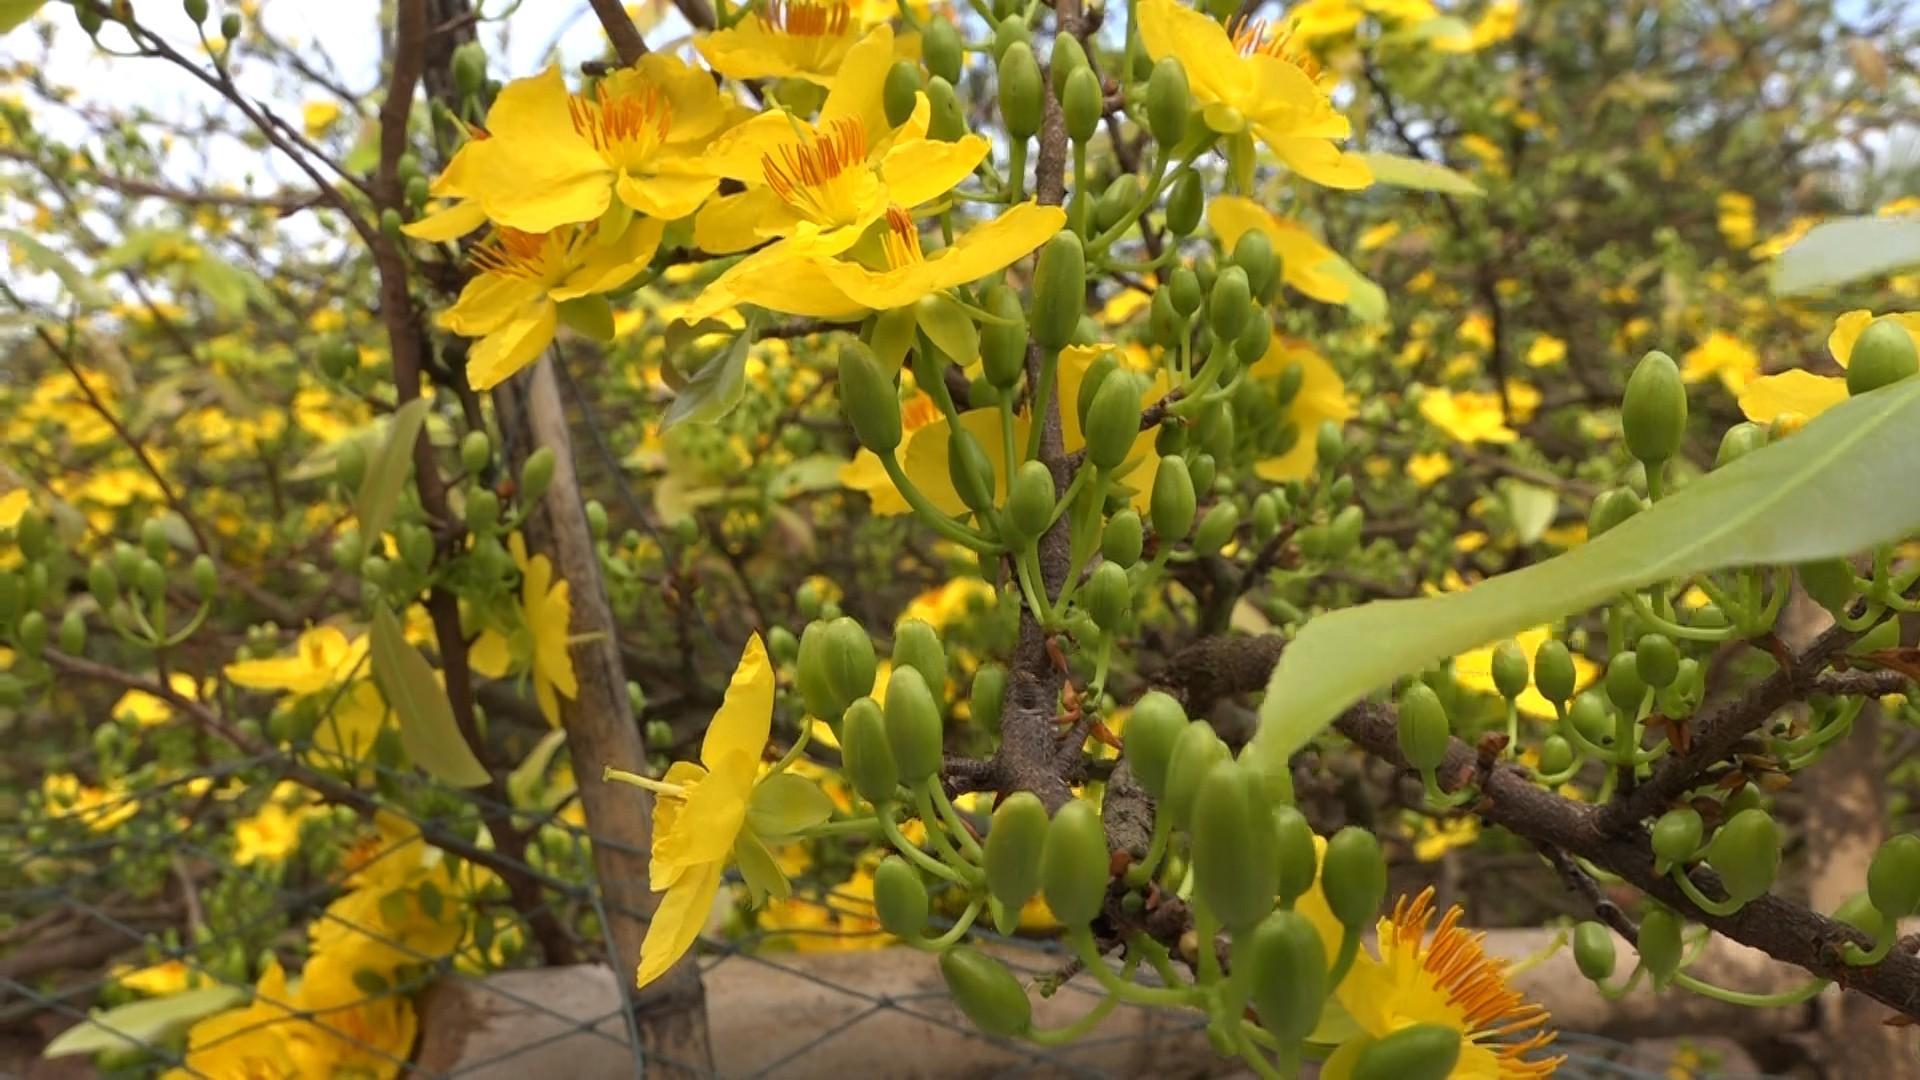 Hình ảnh vườn hoa mai vàng nở tươi đẹp